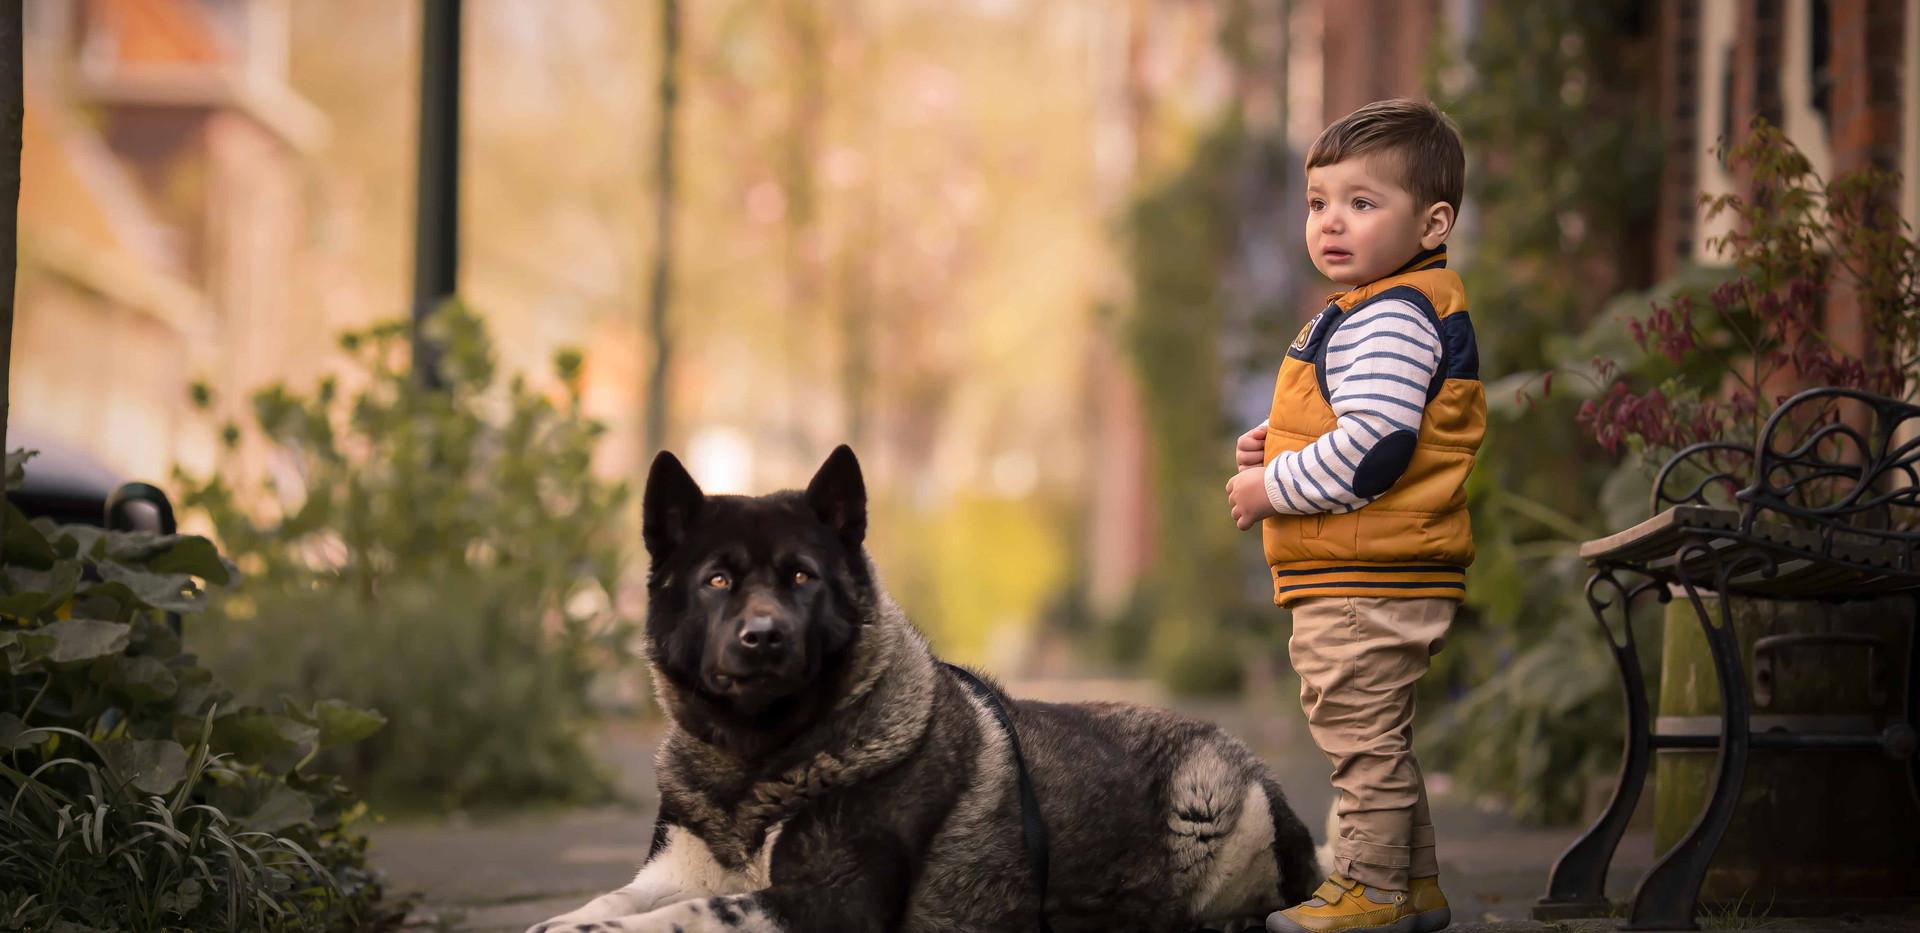 Criança com cachorro akita americano na rua